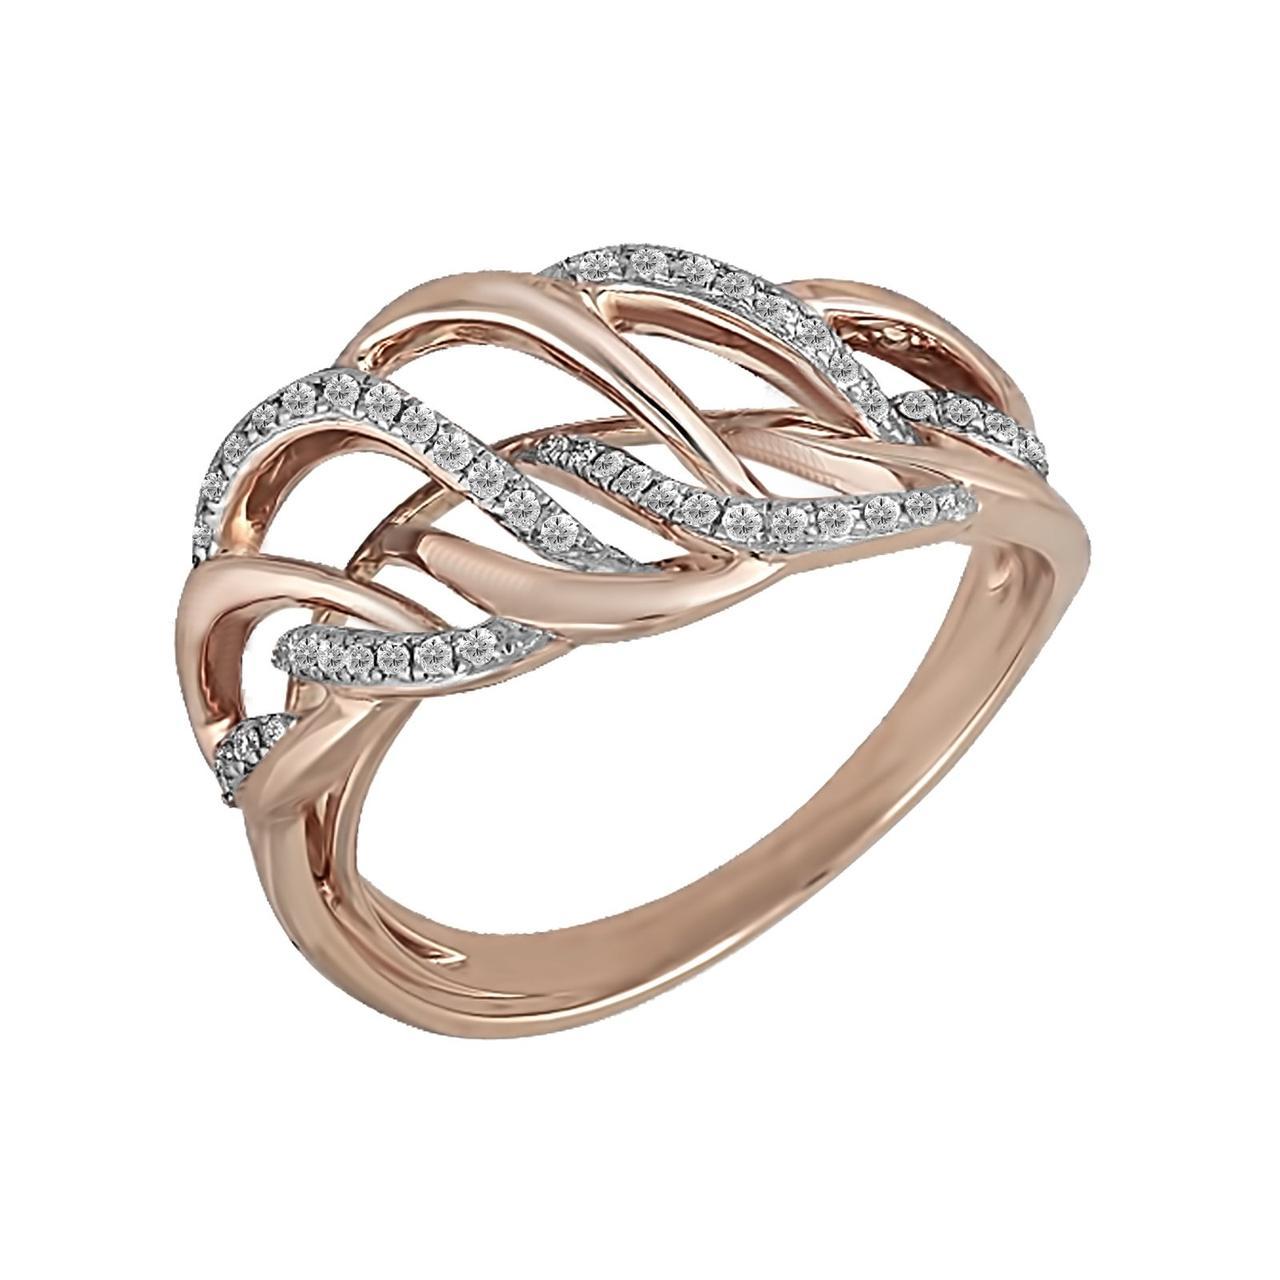 Золотое кольцо с бриллиантами, размер 16 (019243)